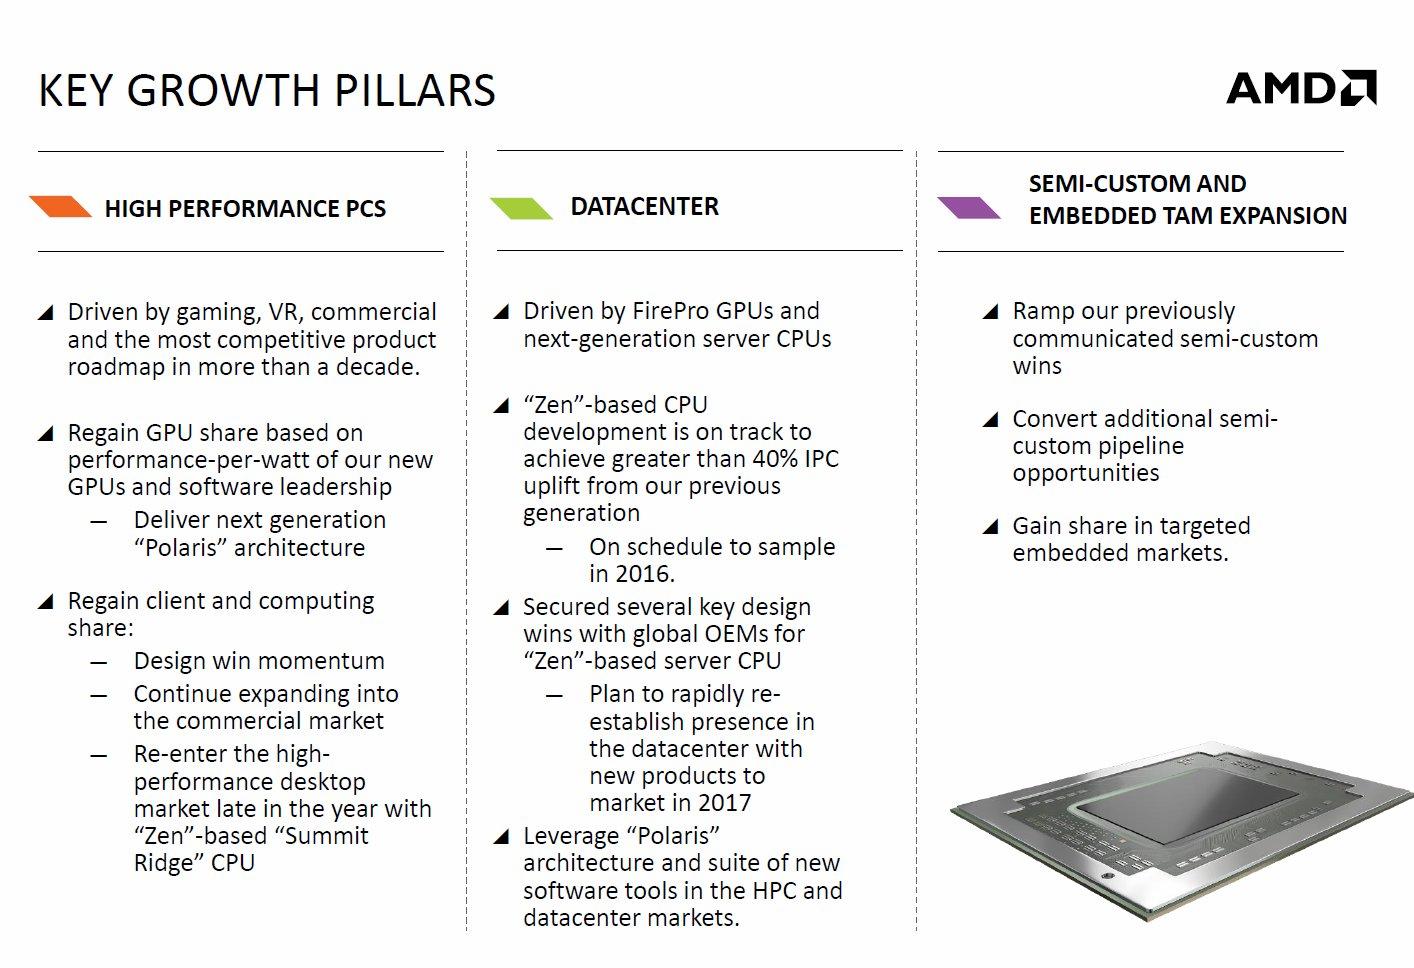 AMDs Wachstumspläne für 2016